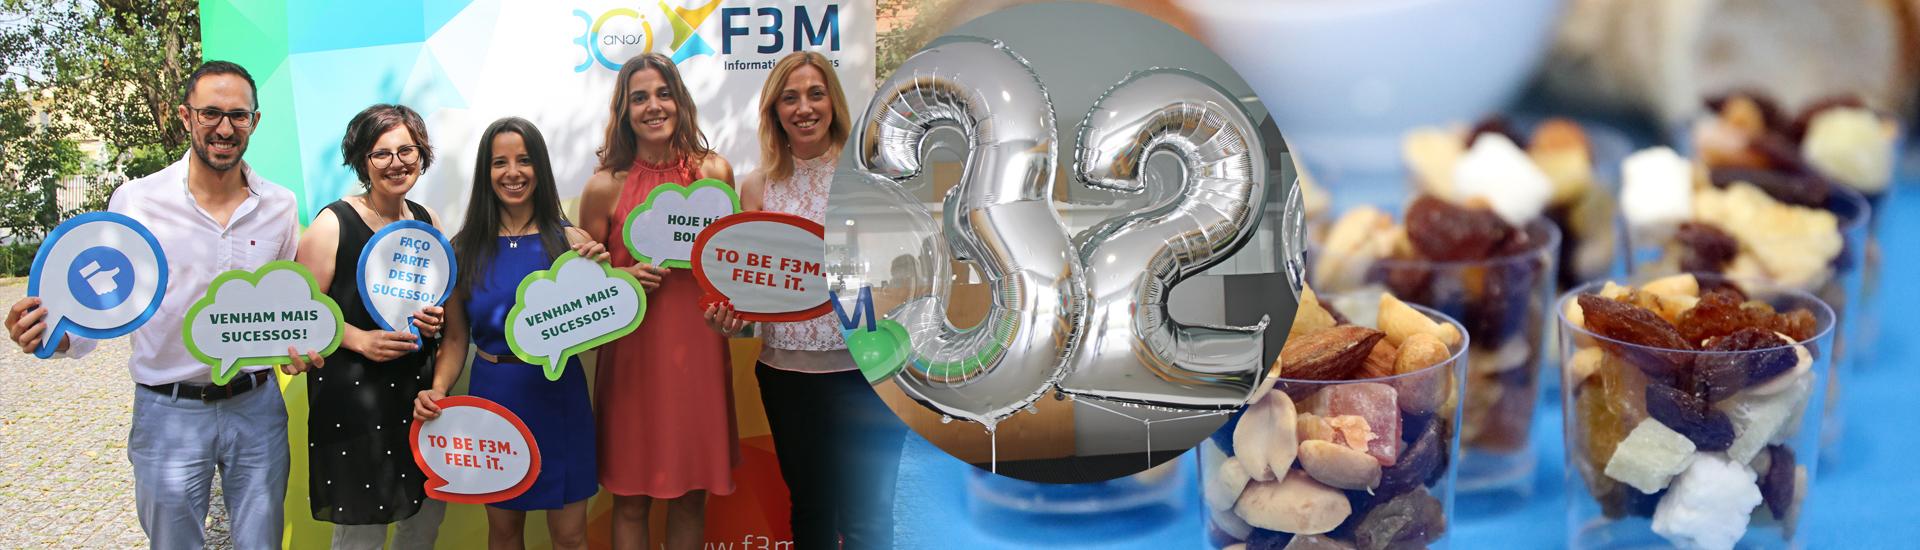 F3M celebra 32º aniversário com iniciativa Open Day nas instalações F3M Sede